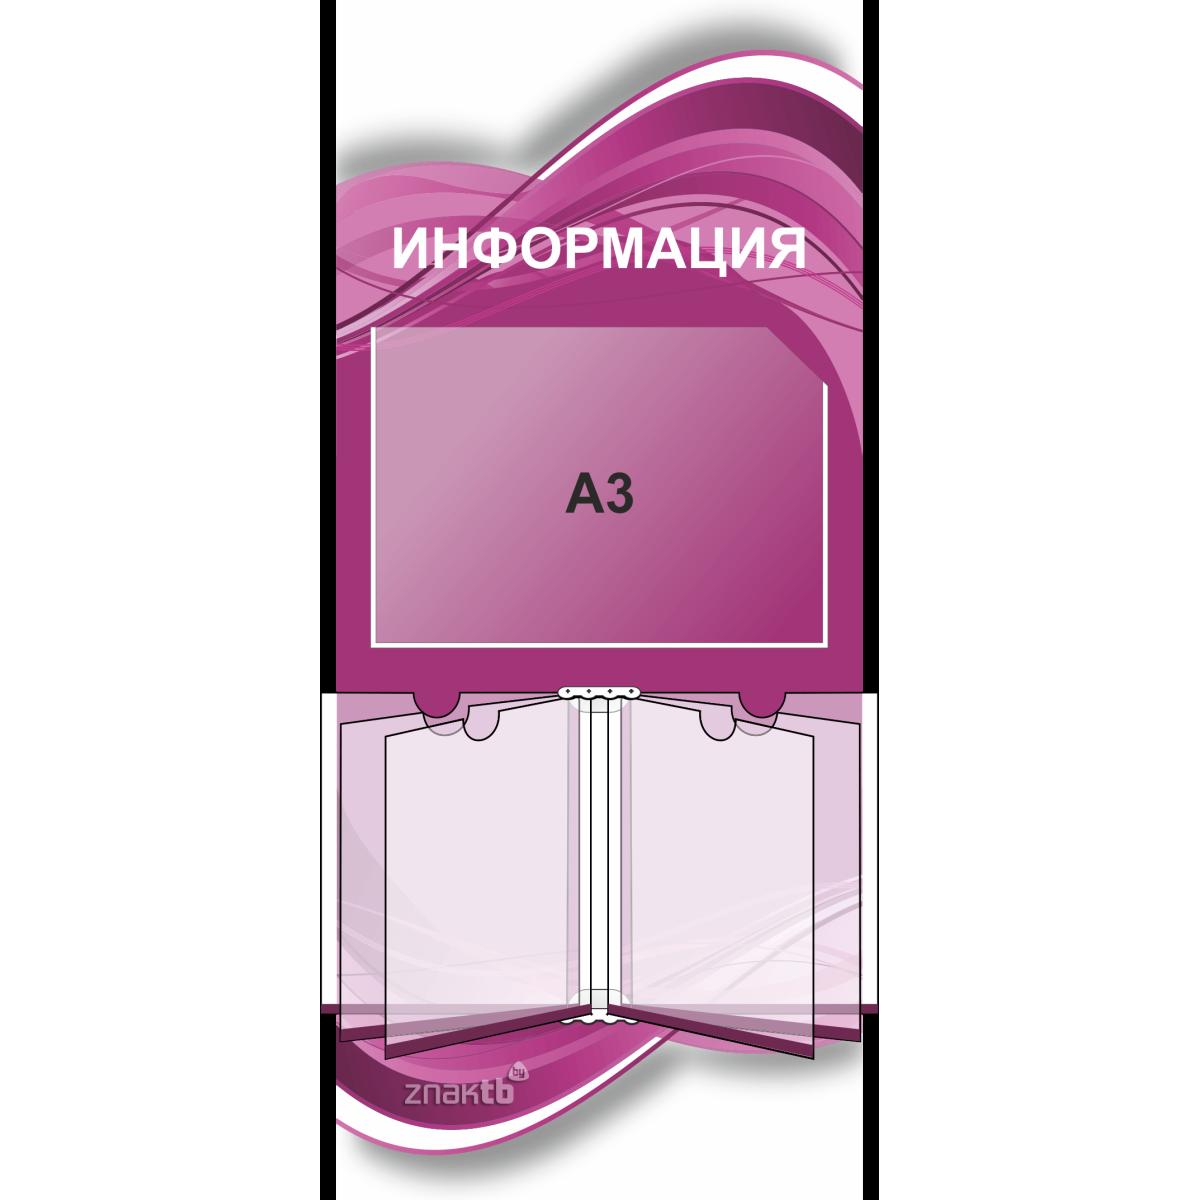 Стенд информационный 4106, с 1 карманом (А3) и 1 книгой (А4)